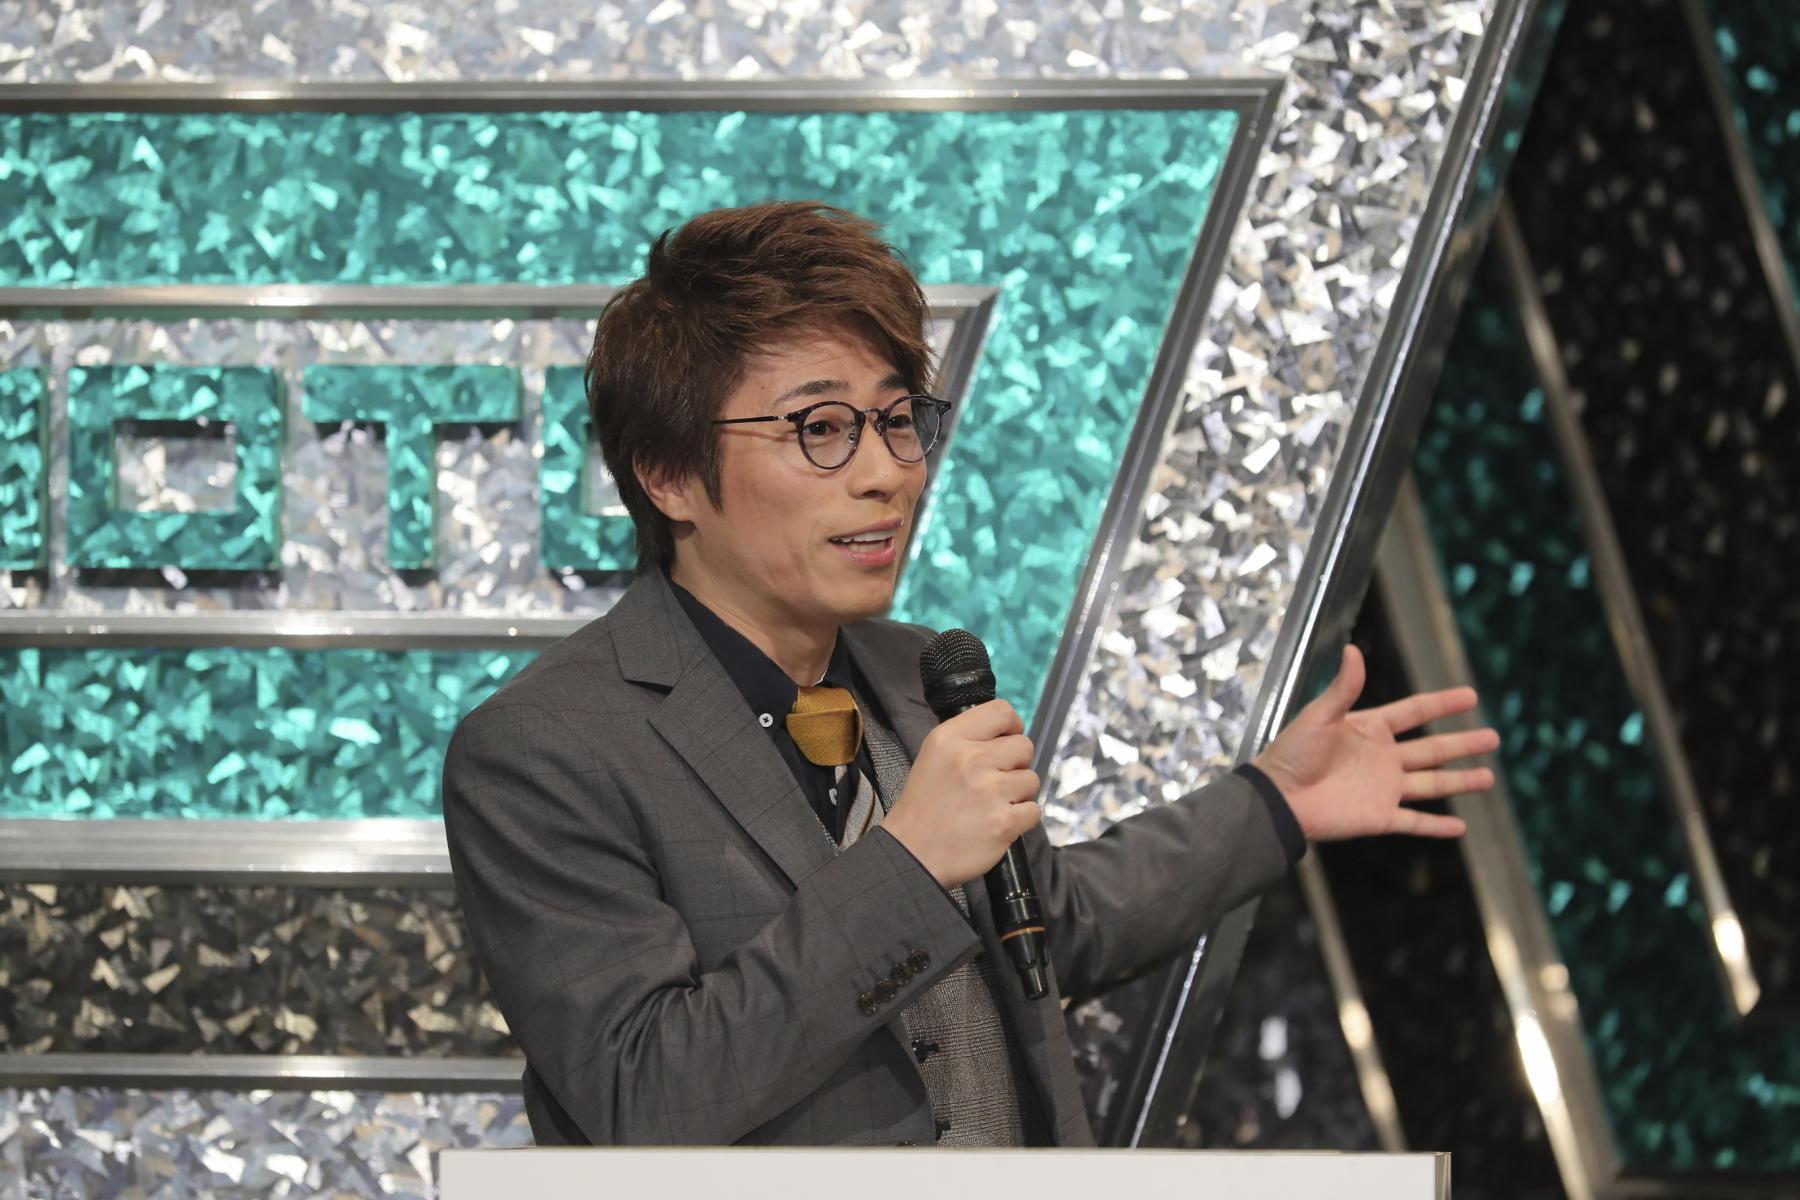 http://news.yoshimoto.co.jp/20180307170038-60be0f5810cc3423ac0e871eef9102cb1305979a.jpg